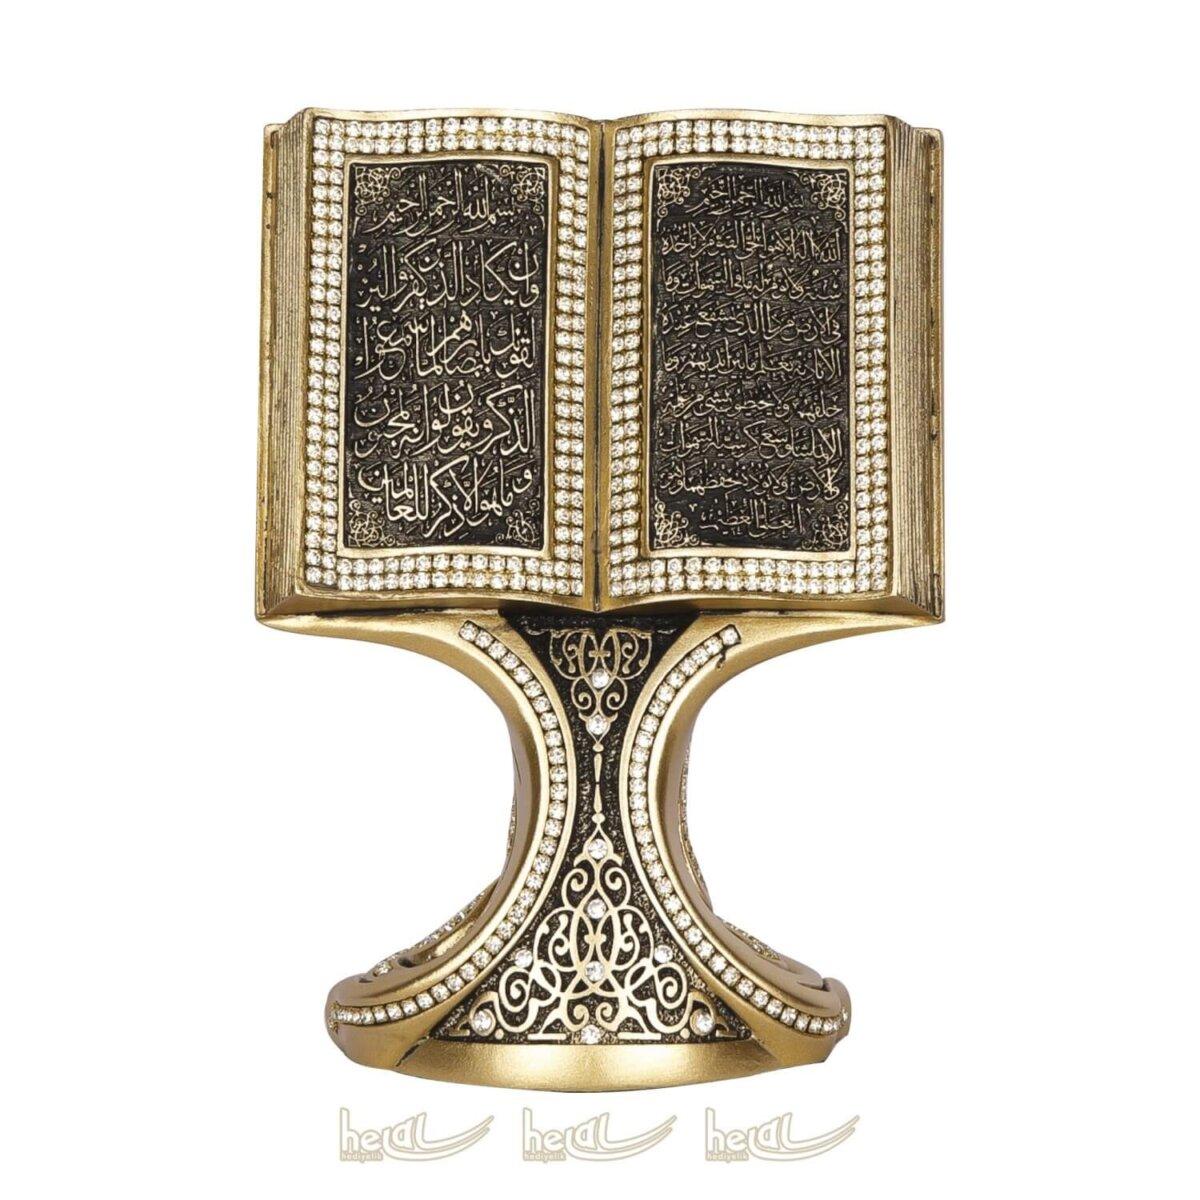 Ayetel Kürsi – Nazar Duası Kitap Kuran Lüks Biblo Dini Hediyeler ( 11×16 cm ) Ayetel Kürsi – Nazar Duası Kitap Kuran Lüks Biblo Dini Hediyeler ( 11×16 cm )